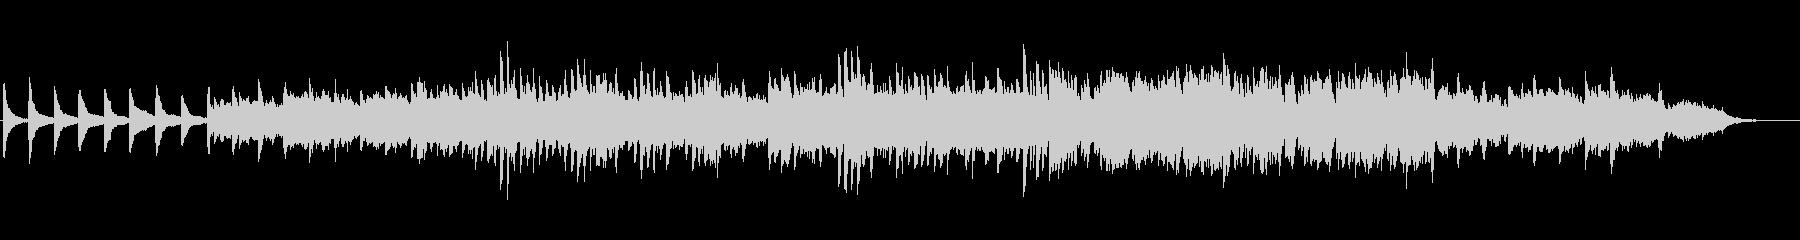 2分でパッヘルベルのカノン ピアノ&オケの未再生の波形